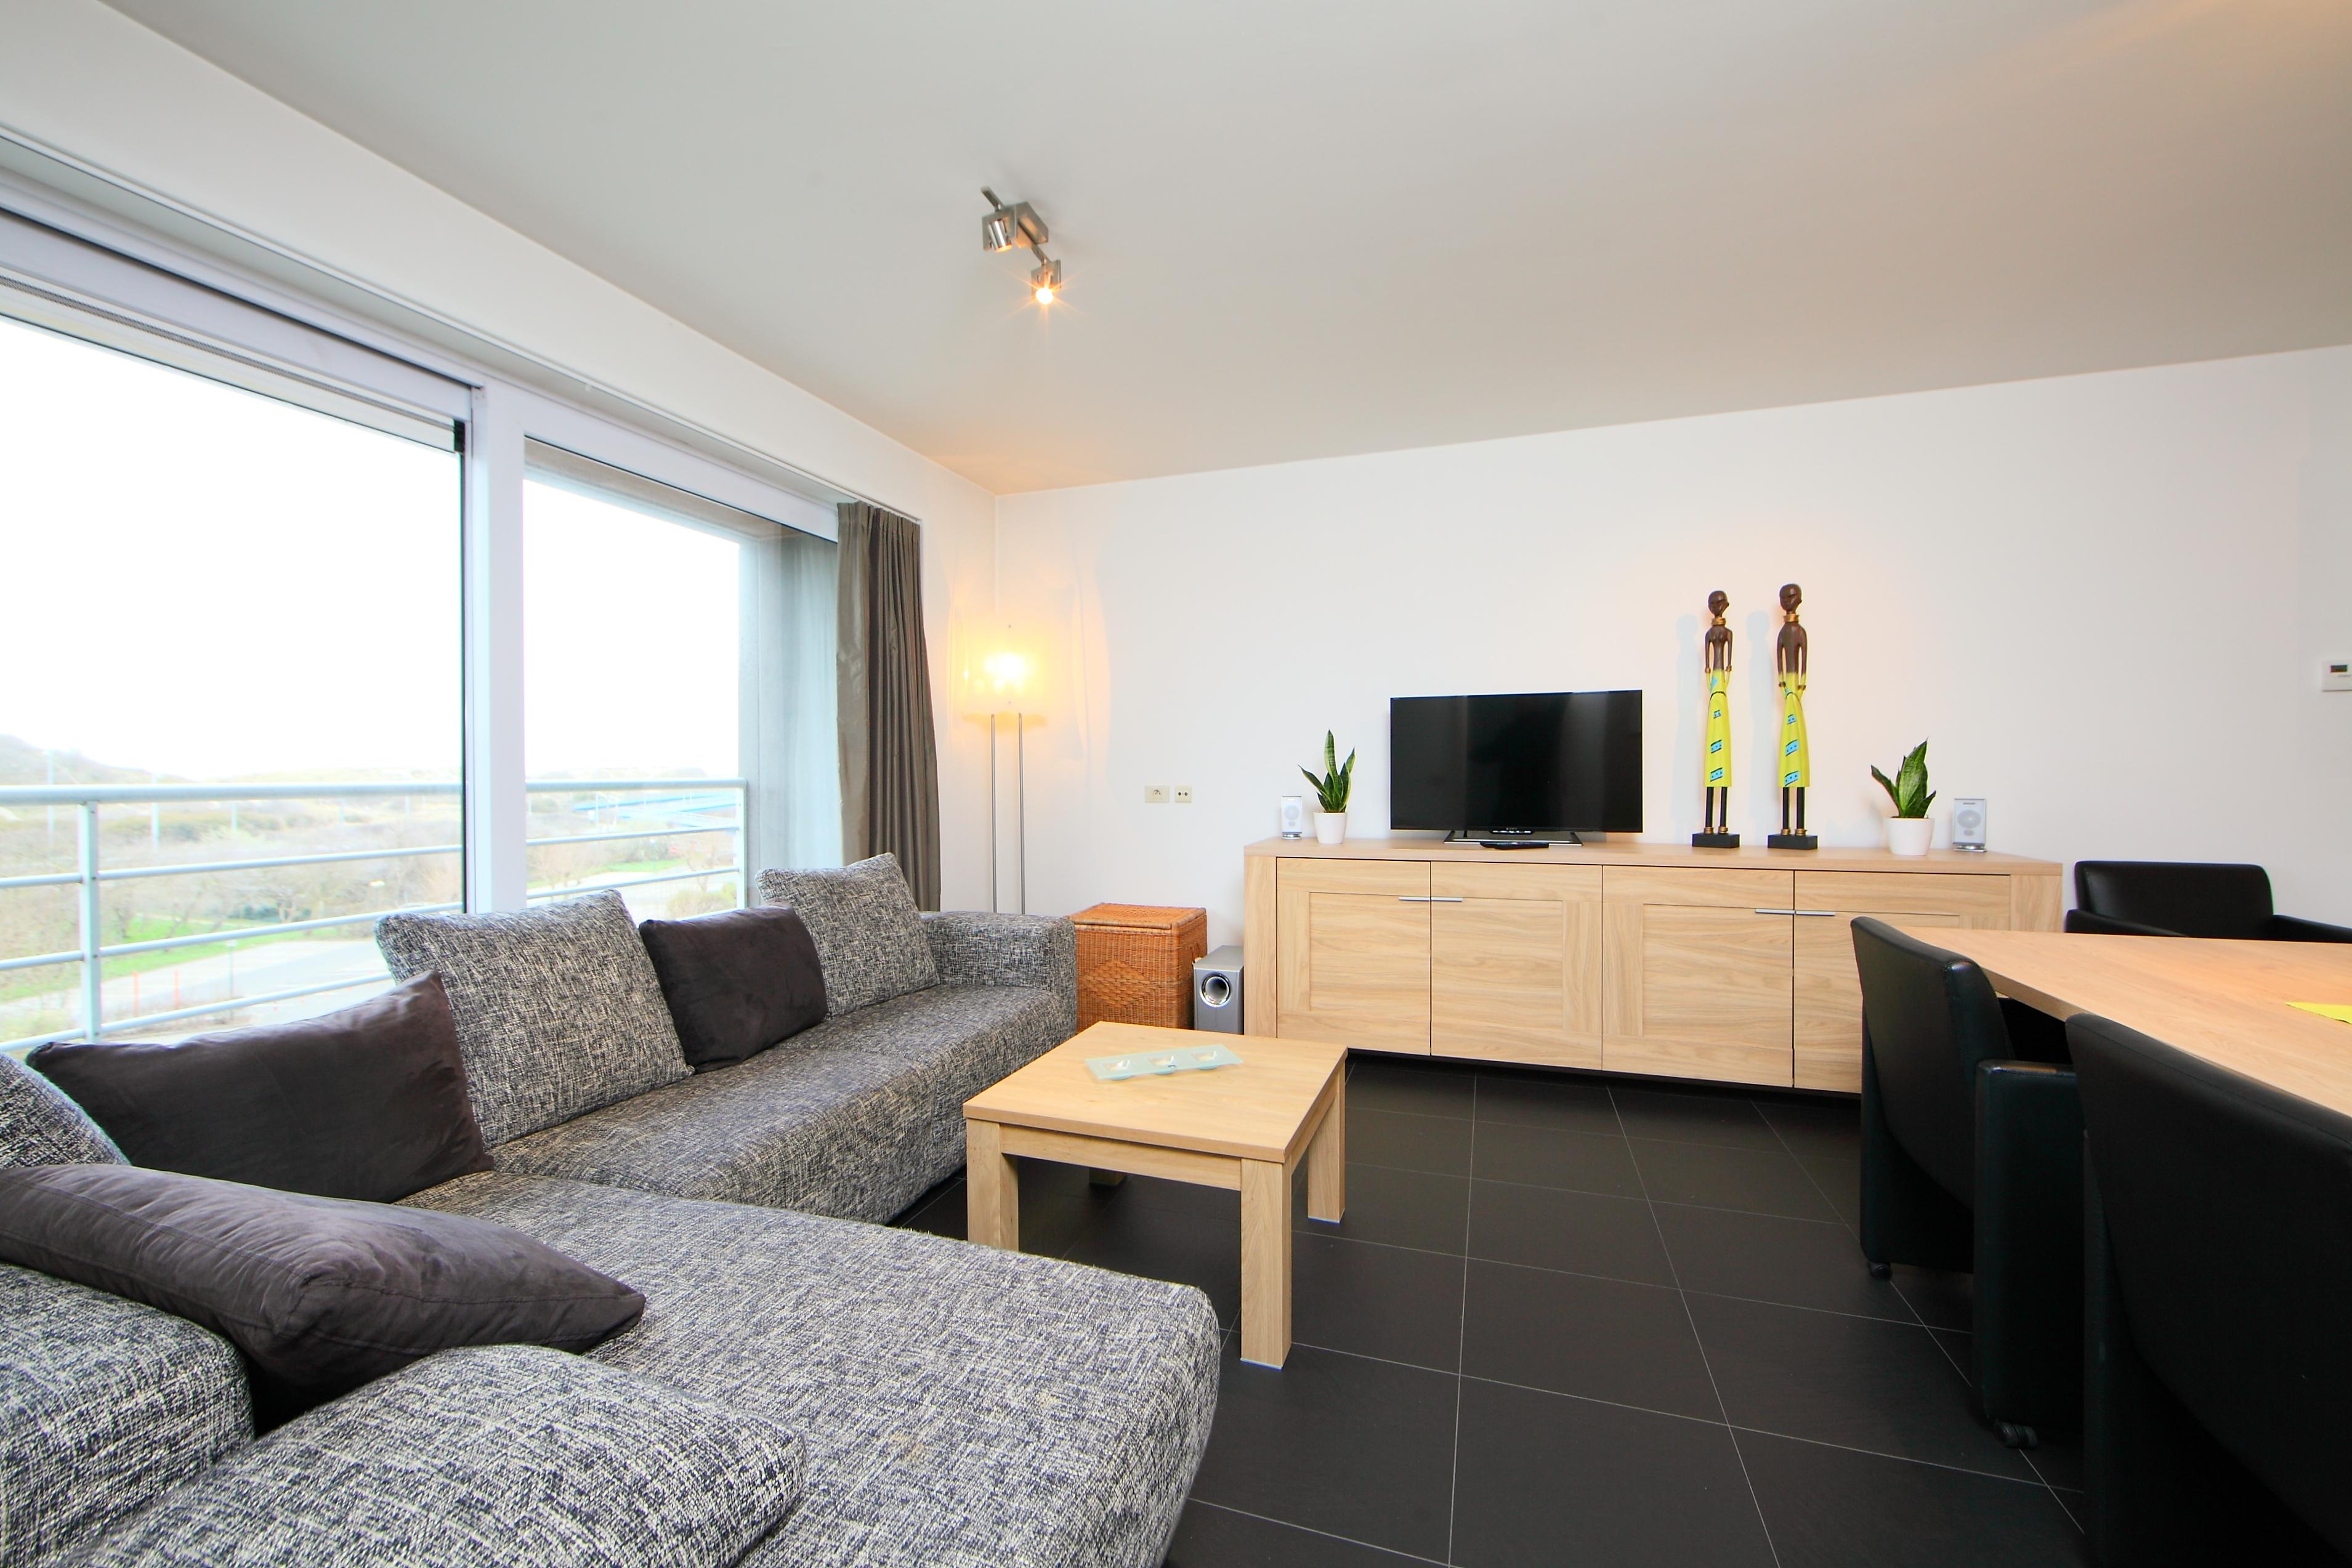 Kleine Wellness Badkamer : Belgien ferienwohnungen mieten interhome